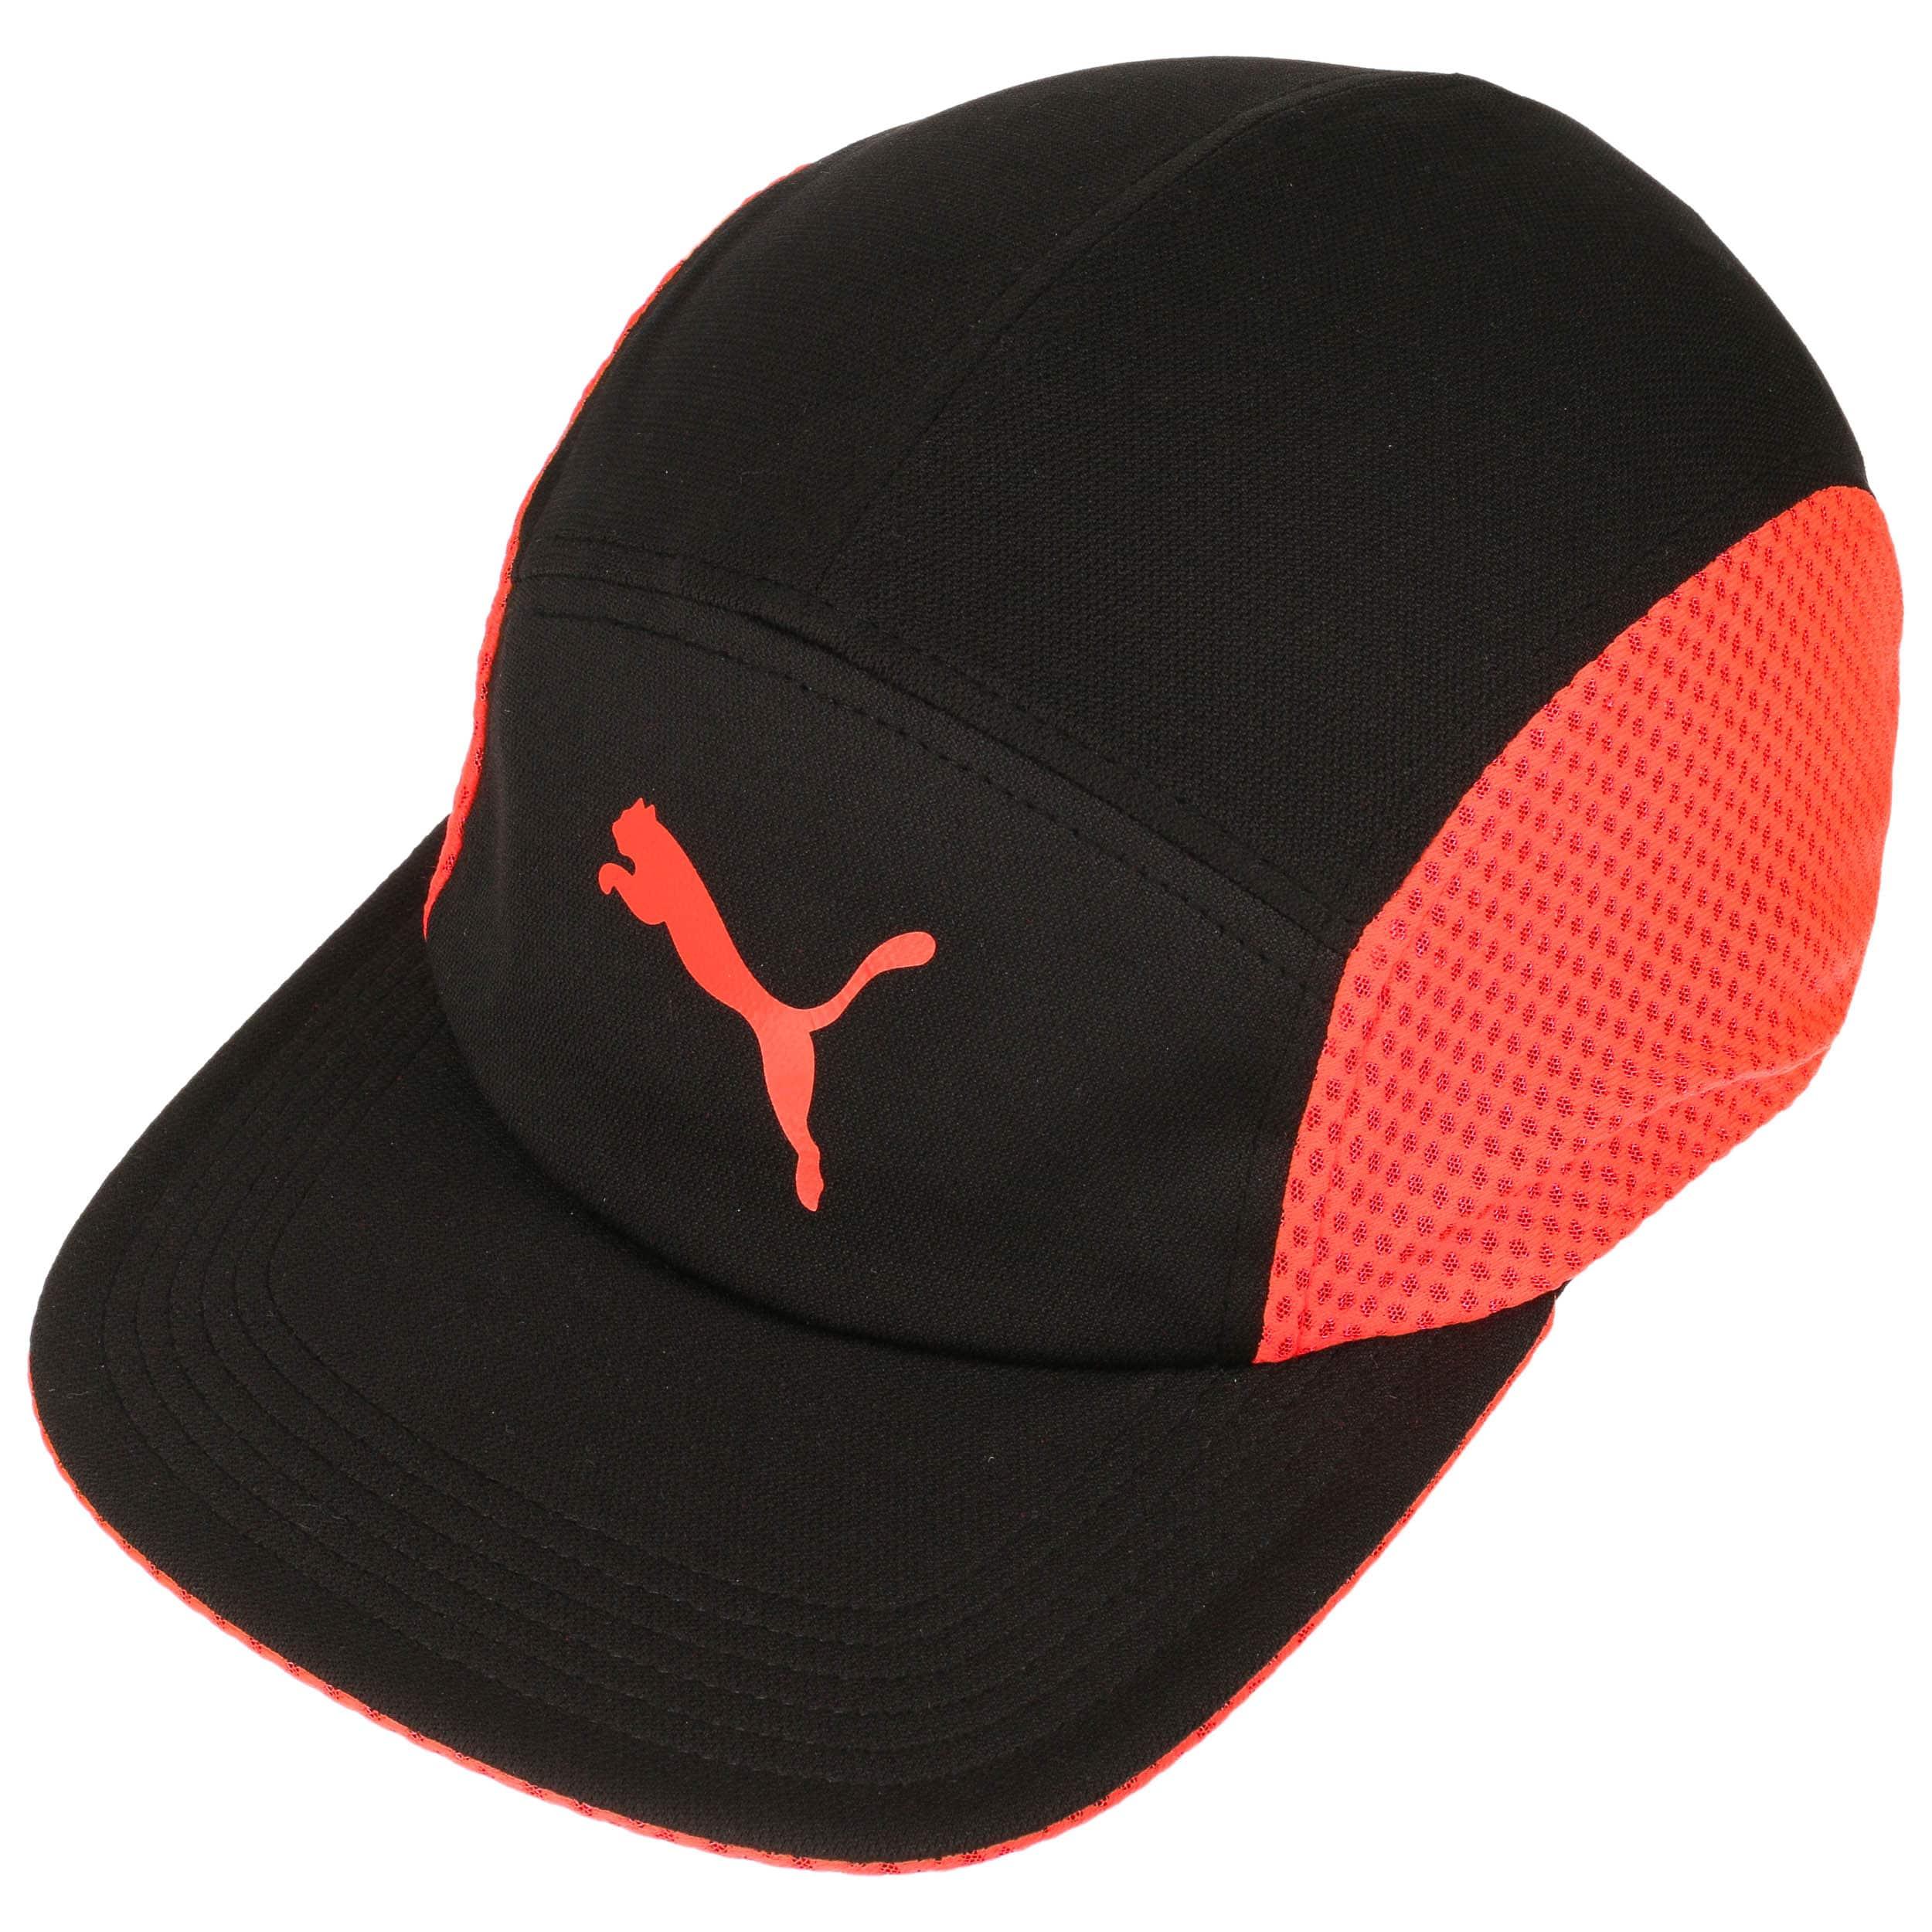 354e052dc51 Disc-Fit Runner Cap by PUMA - black-red 1 ...